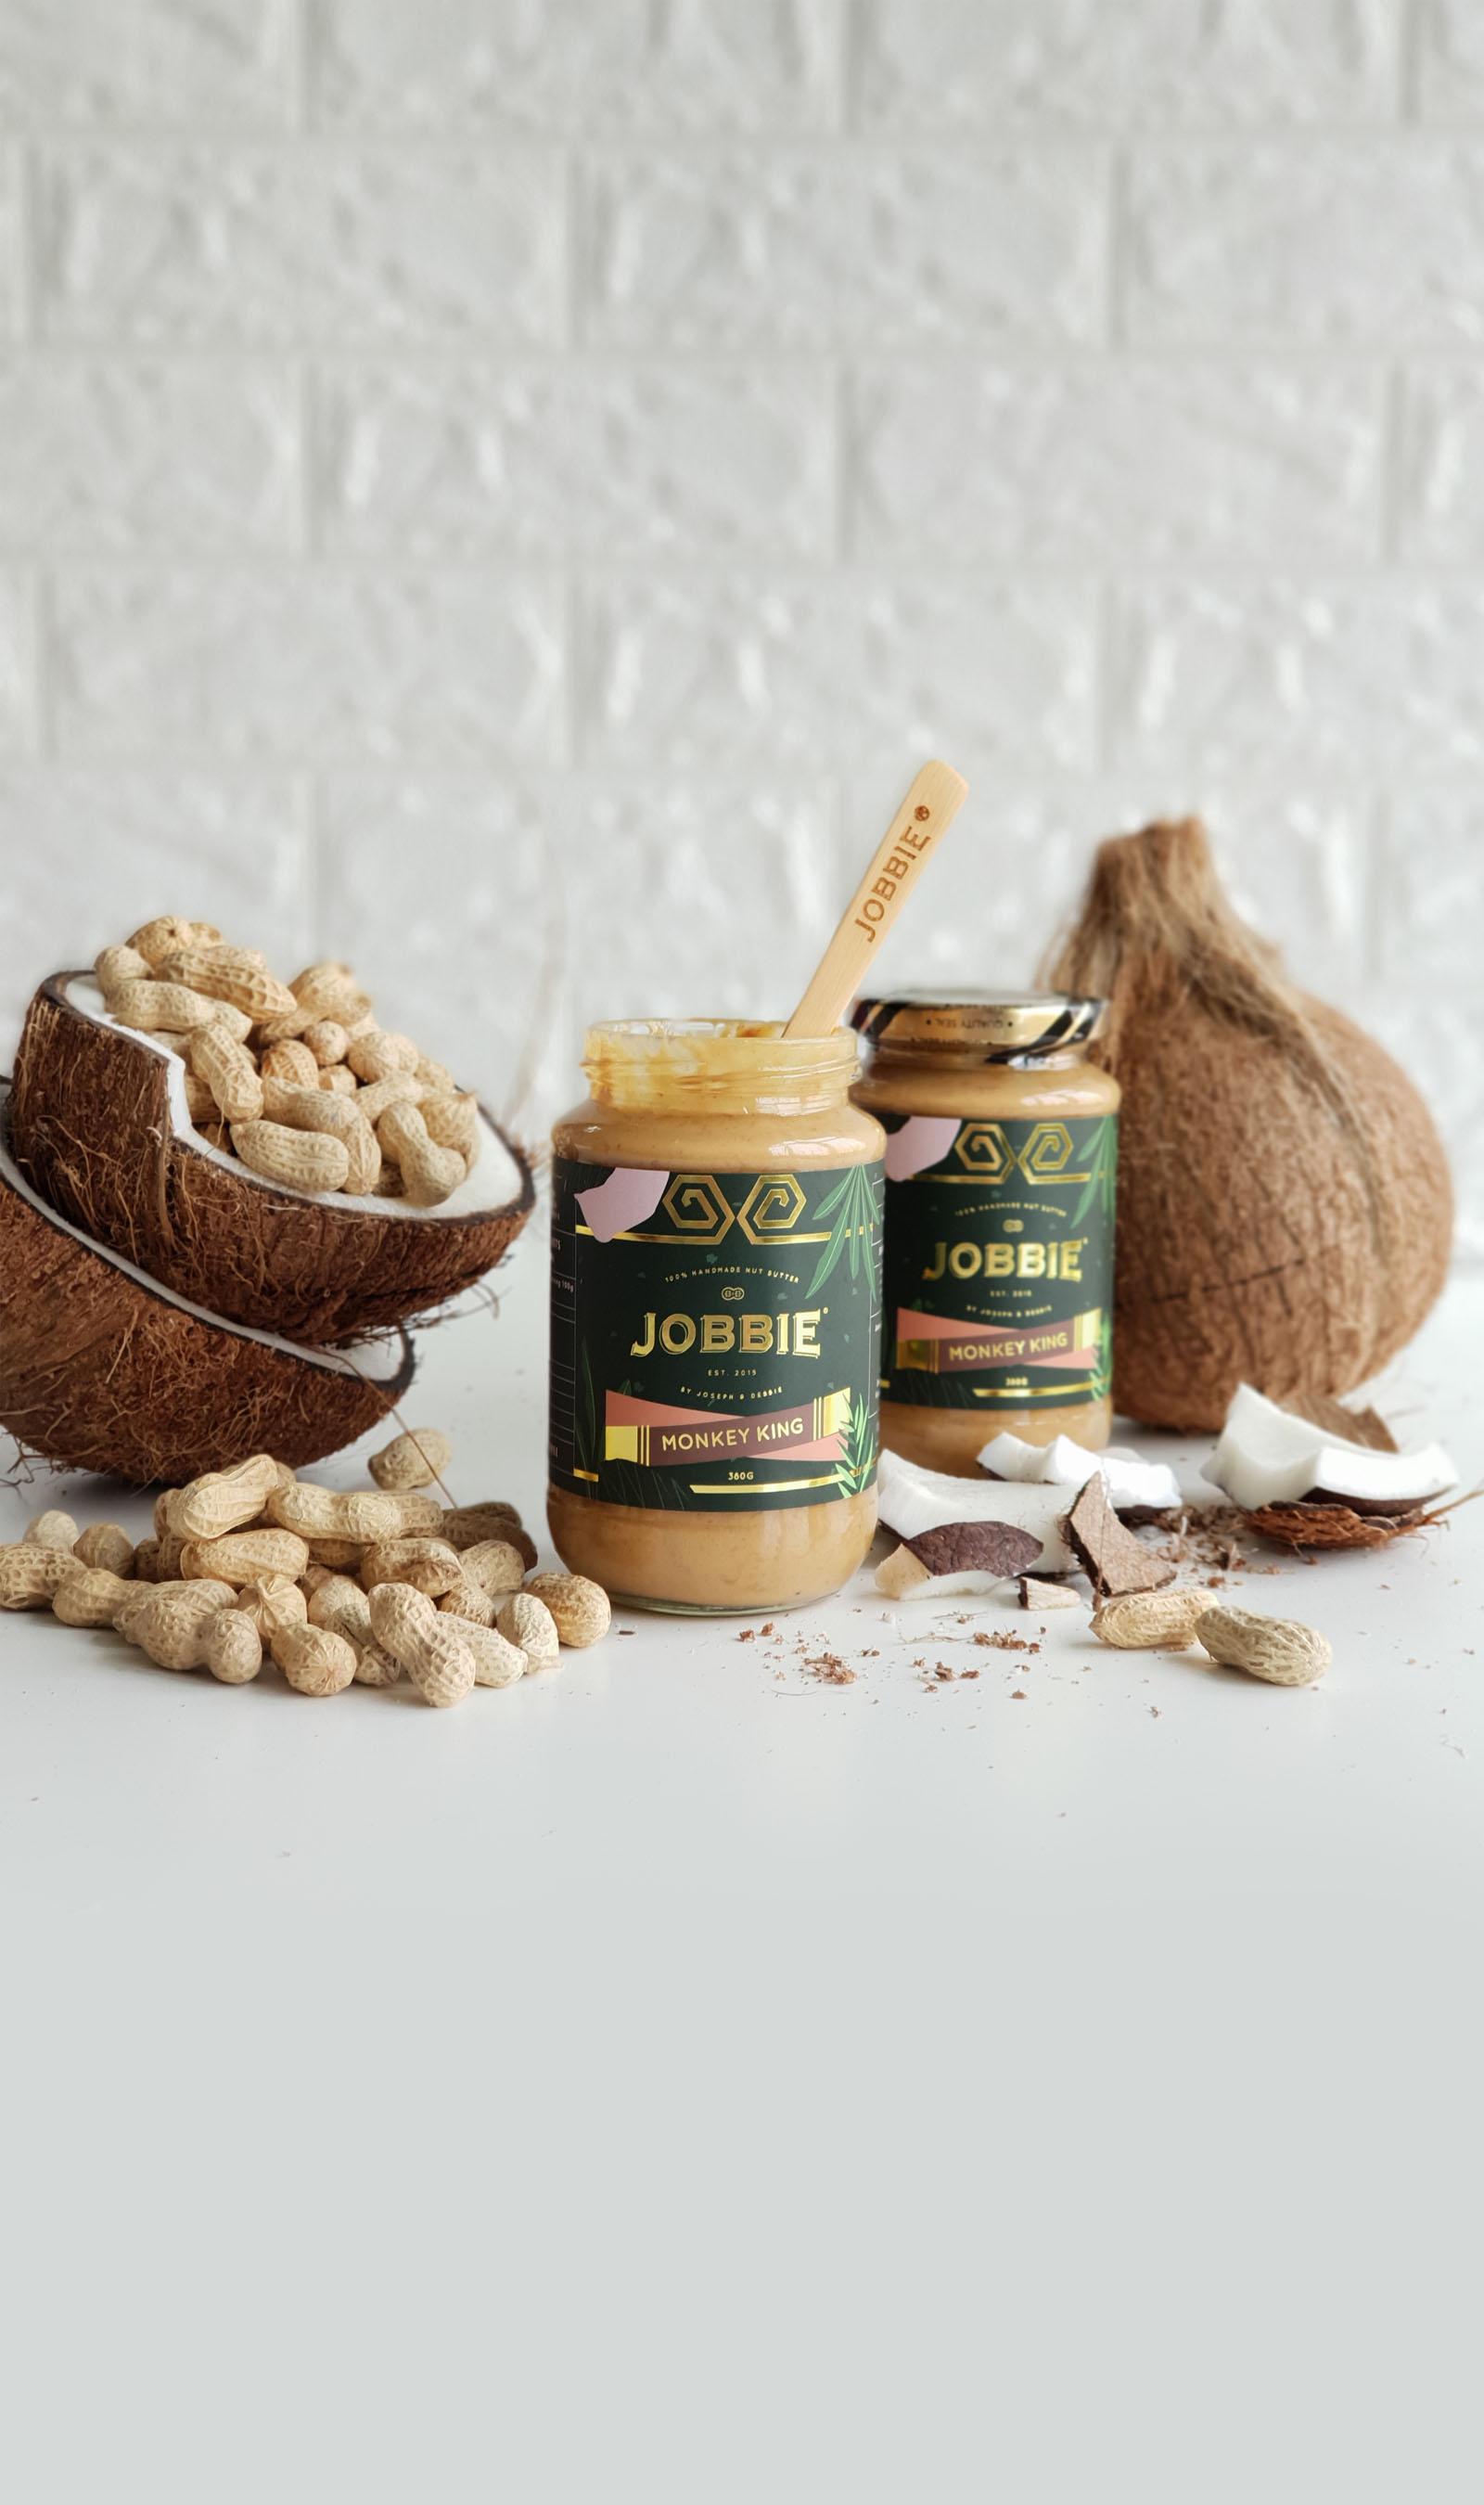 JOBBIE NUT BUTTER - Get natural peanut butter delivered to your doorstep | Monkey King is Back!